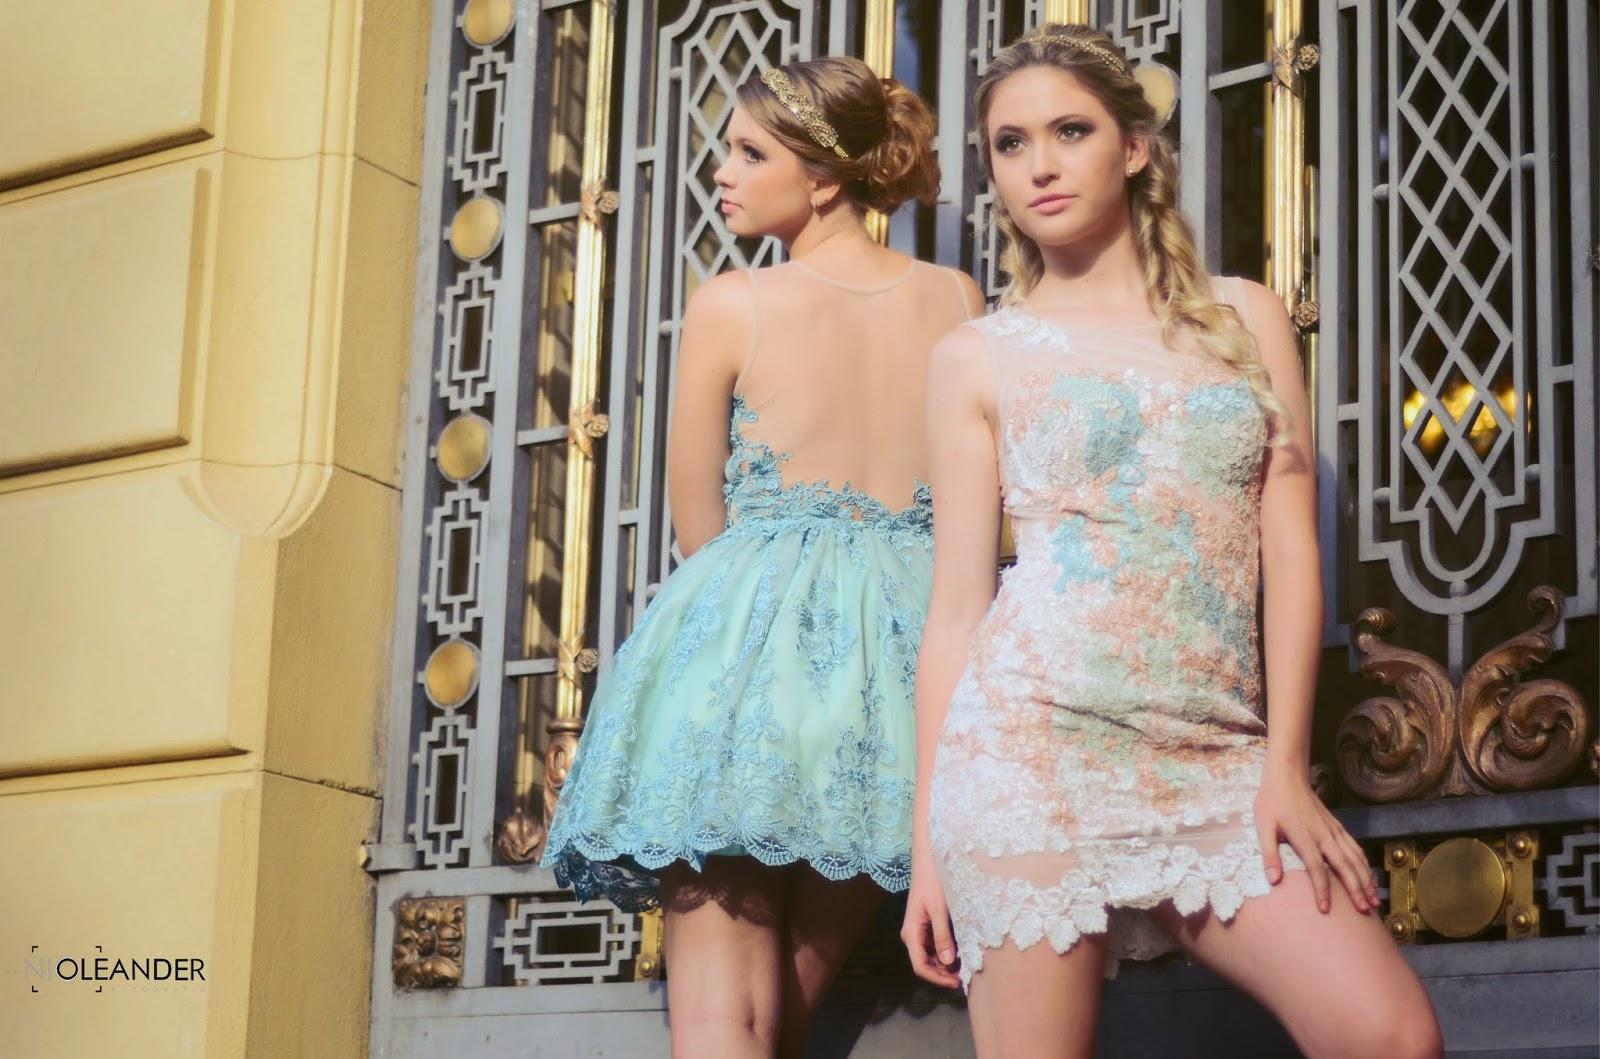 15 anos bh, Choc Color, coleção festa, desfile bh, Festa bh, formatura bh, festa bh, Debutantes minas, Valsa, vestido bh, vestido debutantes bh, vestido maravilhoso bh, vestidos 15 anos bh, Nicole Oleander,